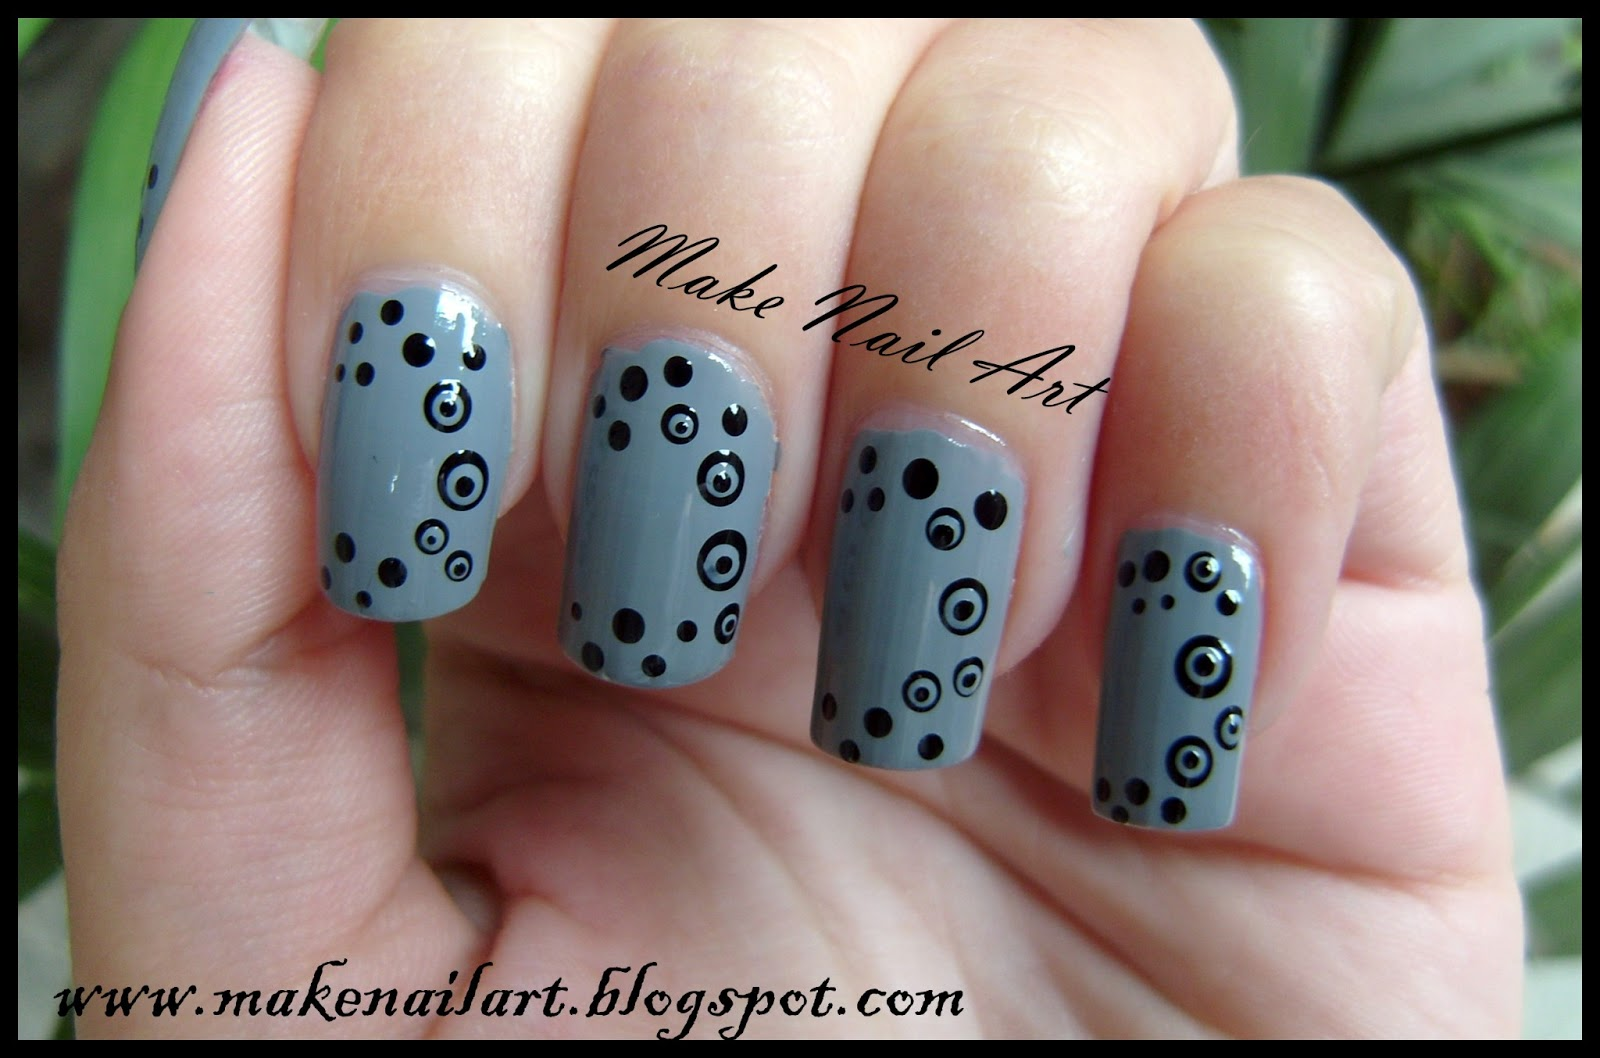 Make Nail Art: June 2013